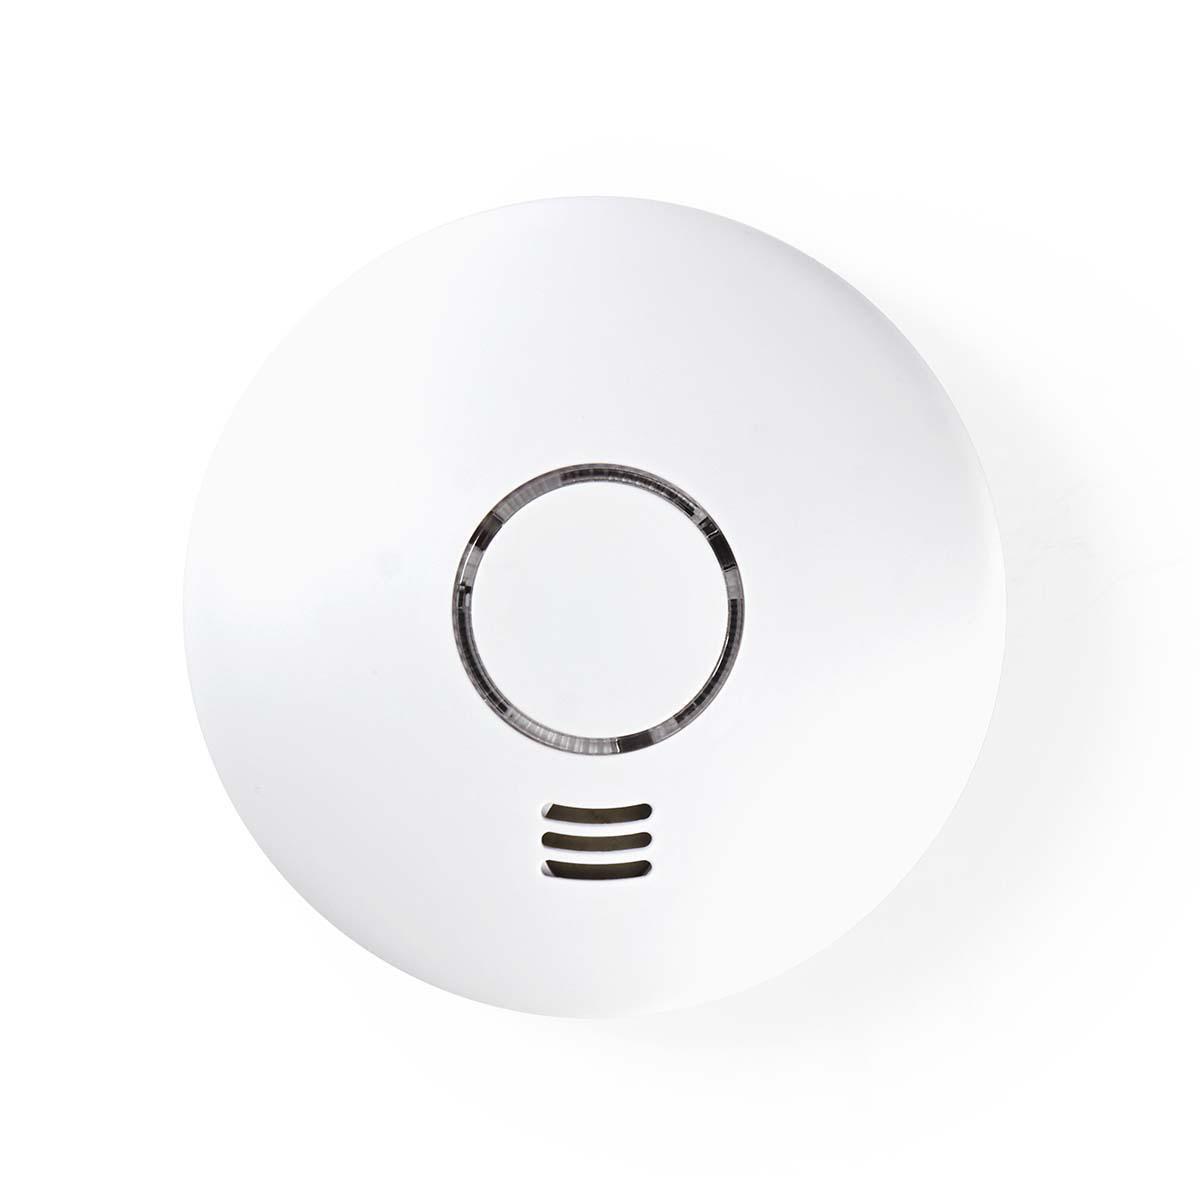 Questo rilevatore di fumo Wi-Fi ti avvisa sia del fumo che di un forte aumento della temperatura: un forte allarme suona per tutti coloro che si trovano nelle vicinanze e ricevi anche una notifica sul tuo telefono ovunque tu sia in quel momento.